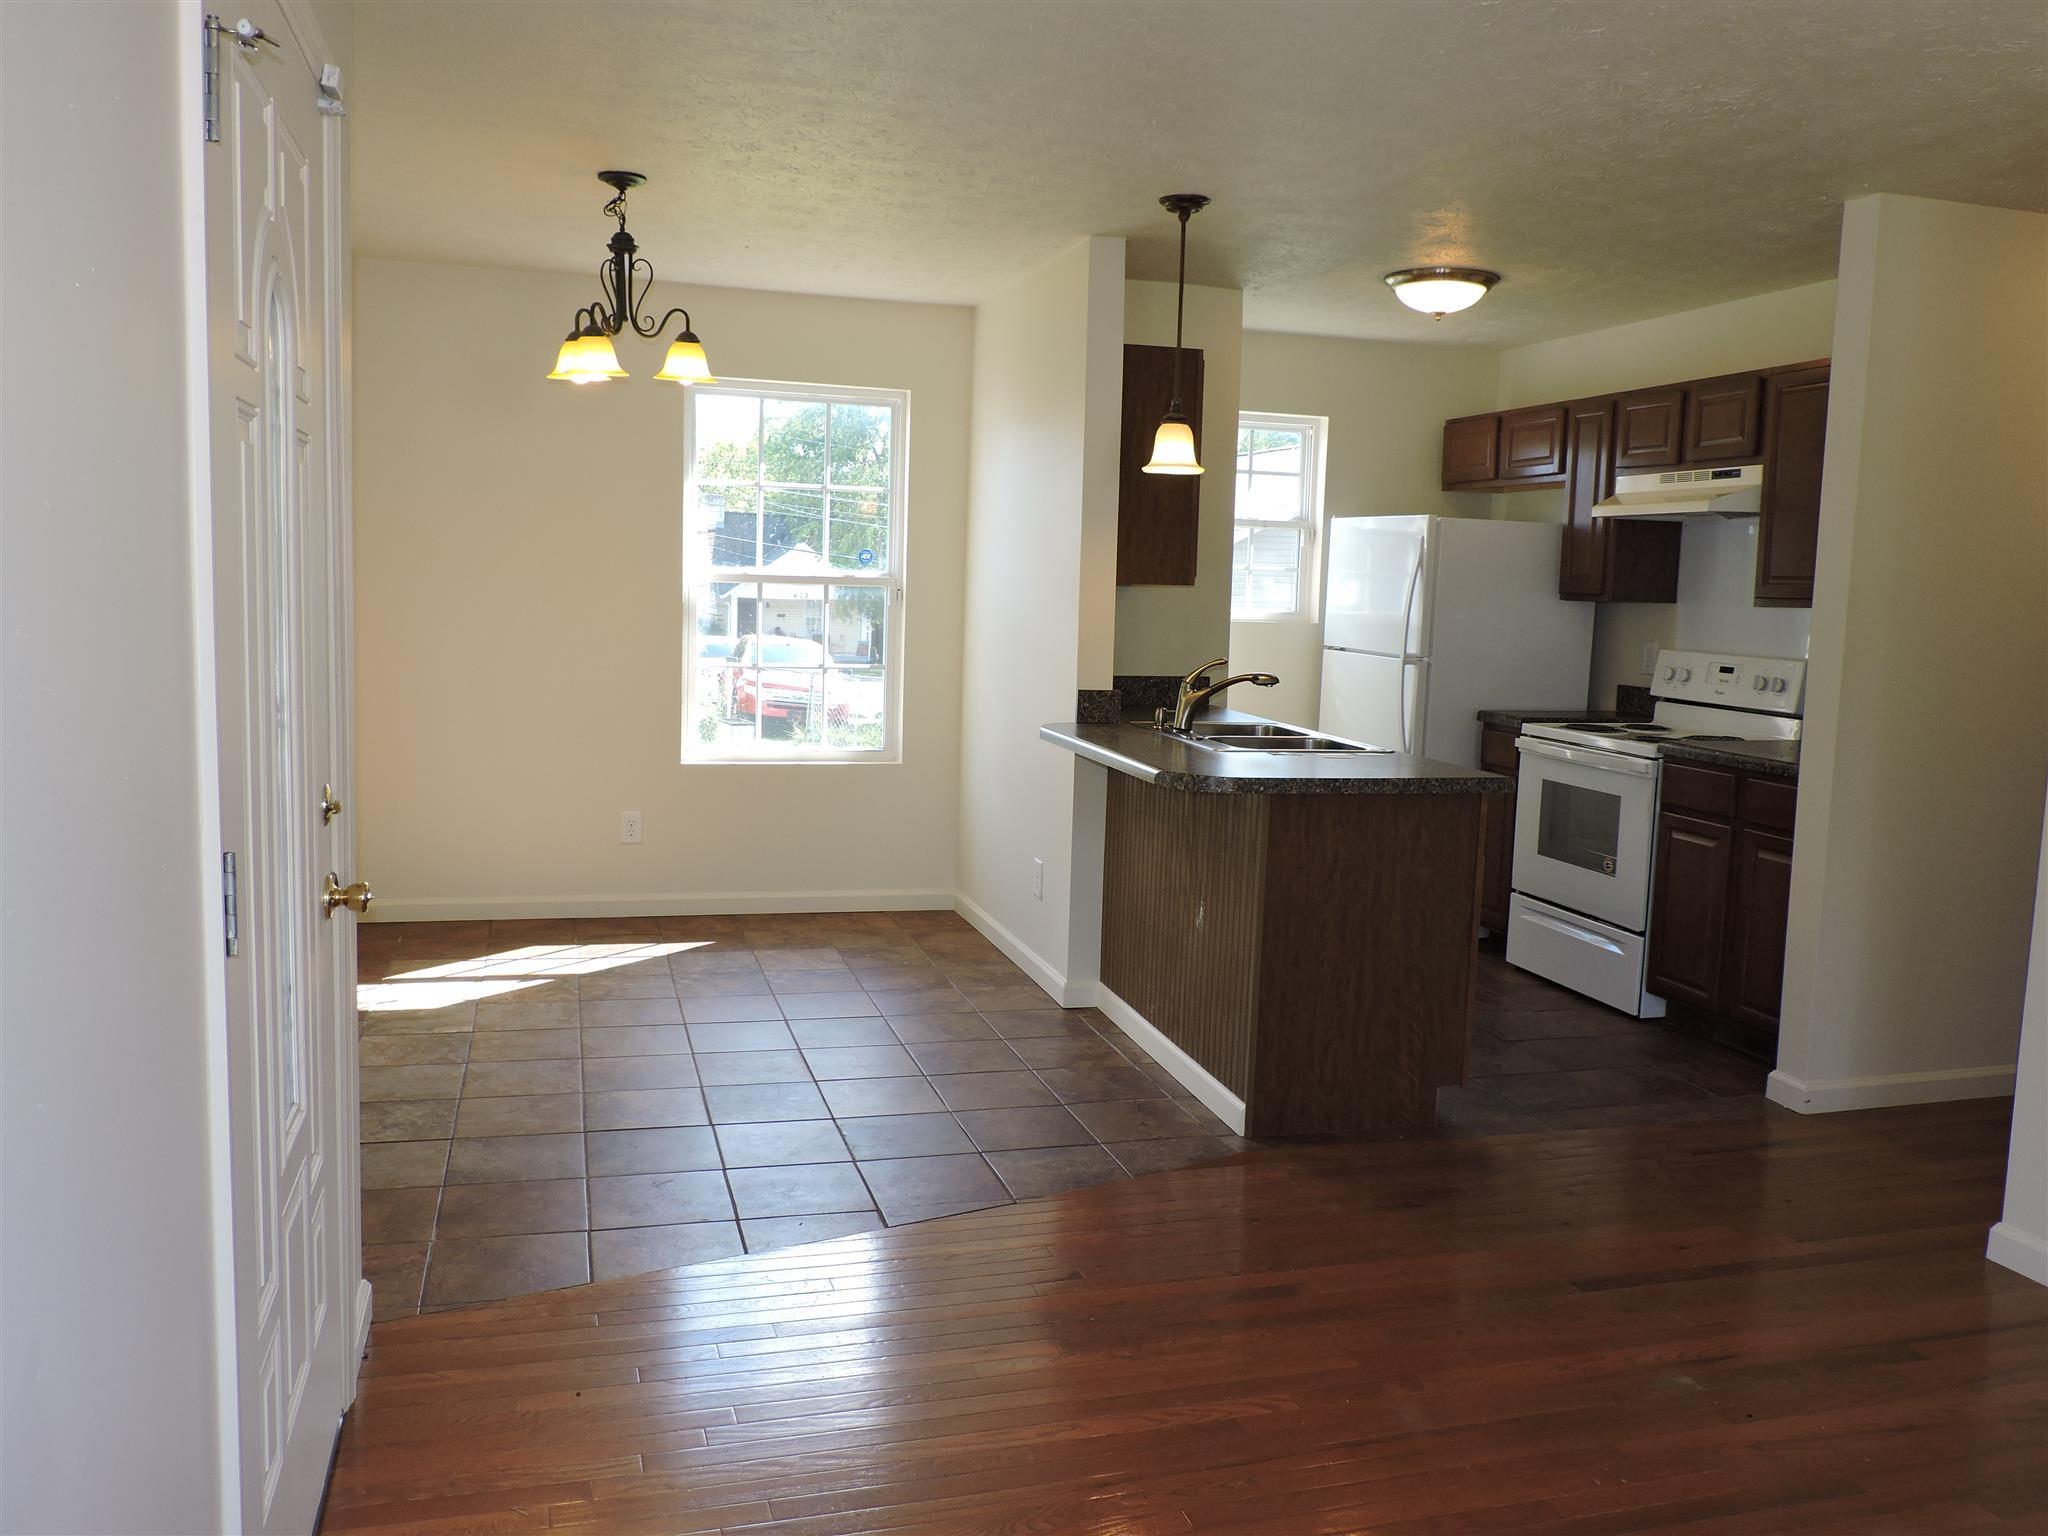 hardwood flooring nashville tn of homes for sale 210 owen st lebanon tn 37087 regarding tile floors in kitchen